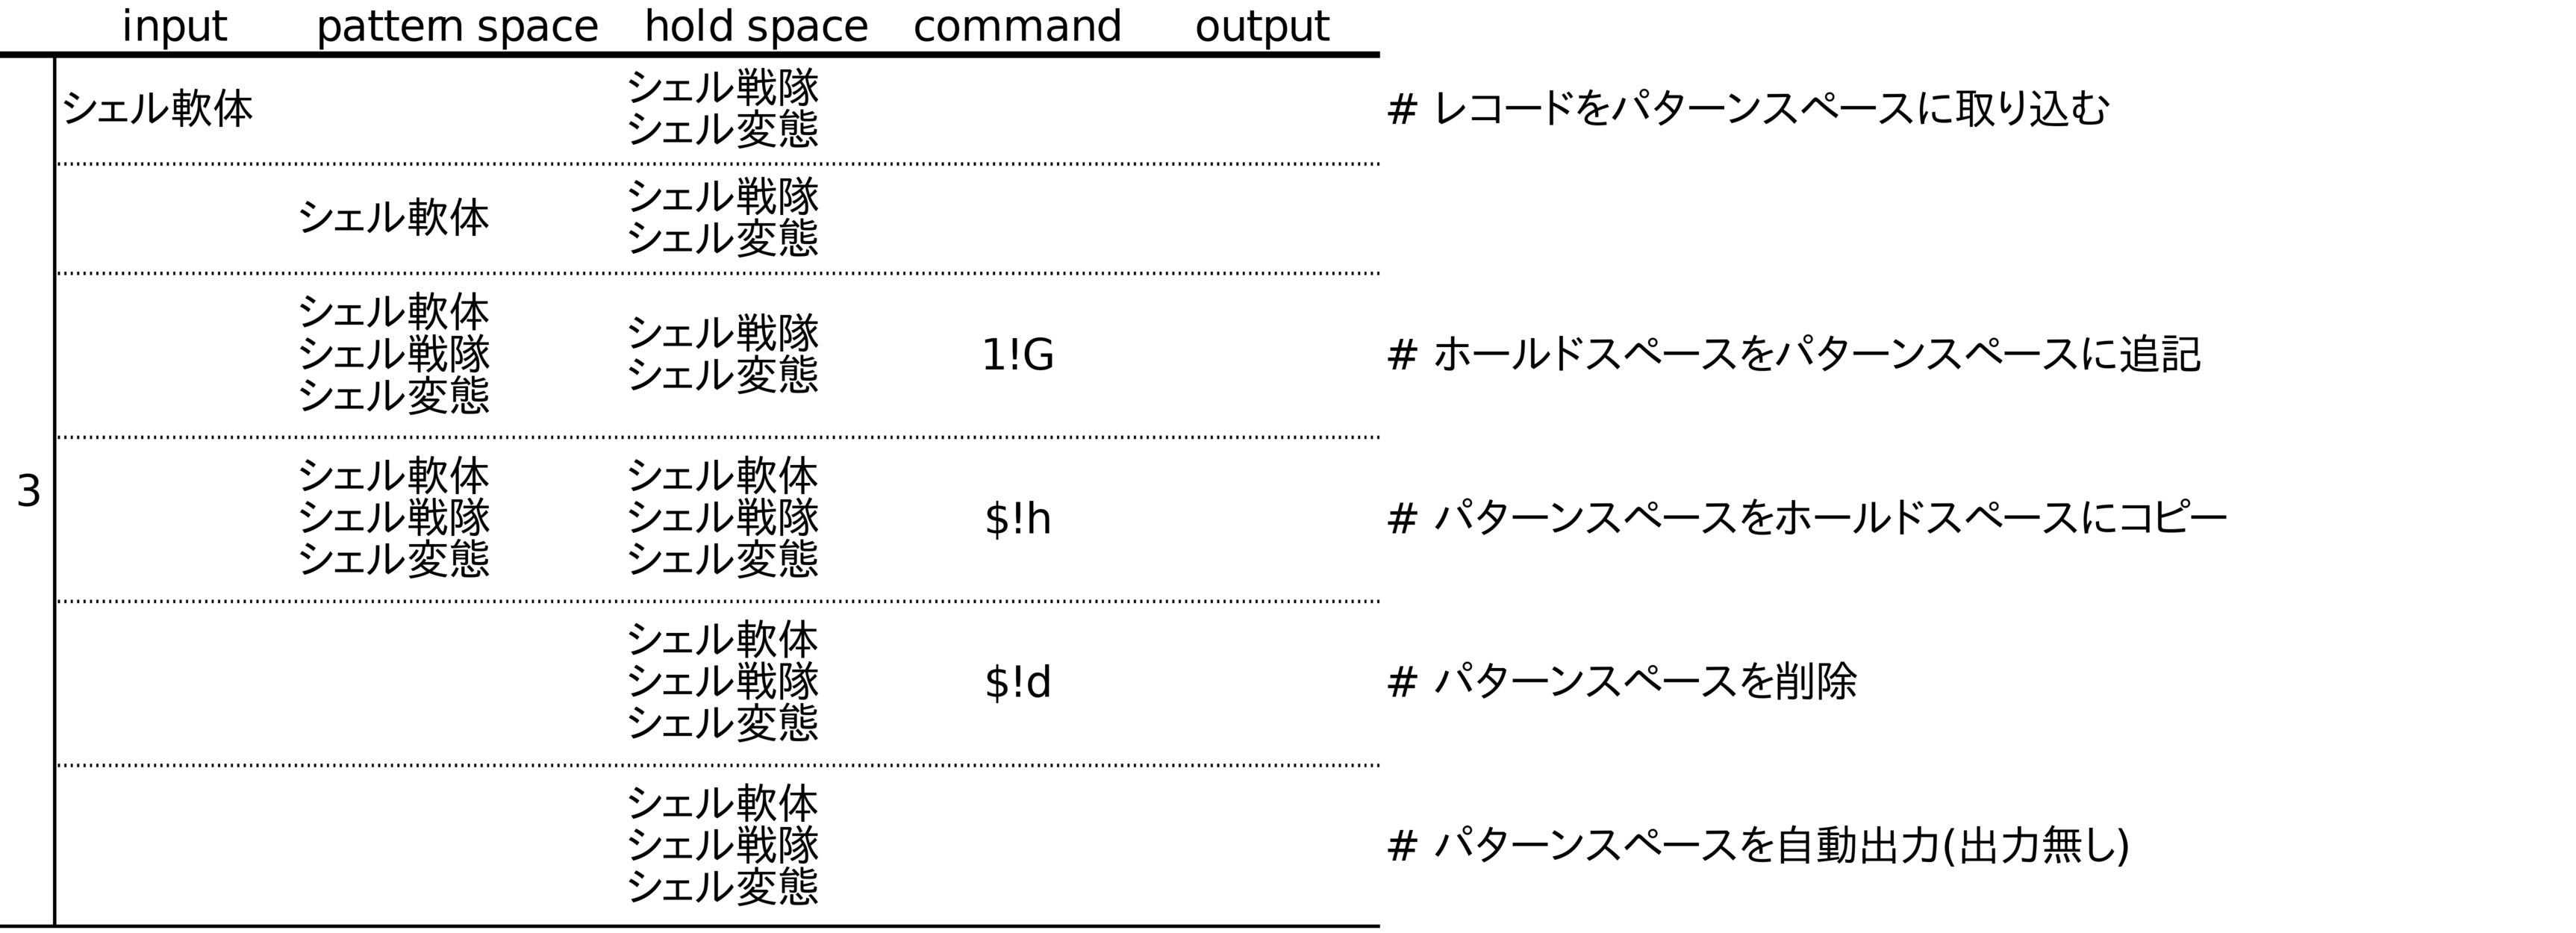 fig2-3-1.jpg